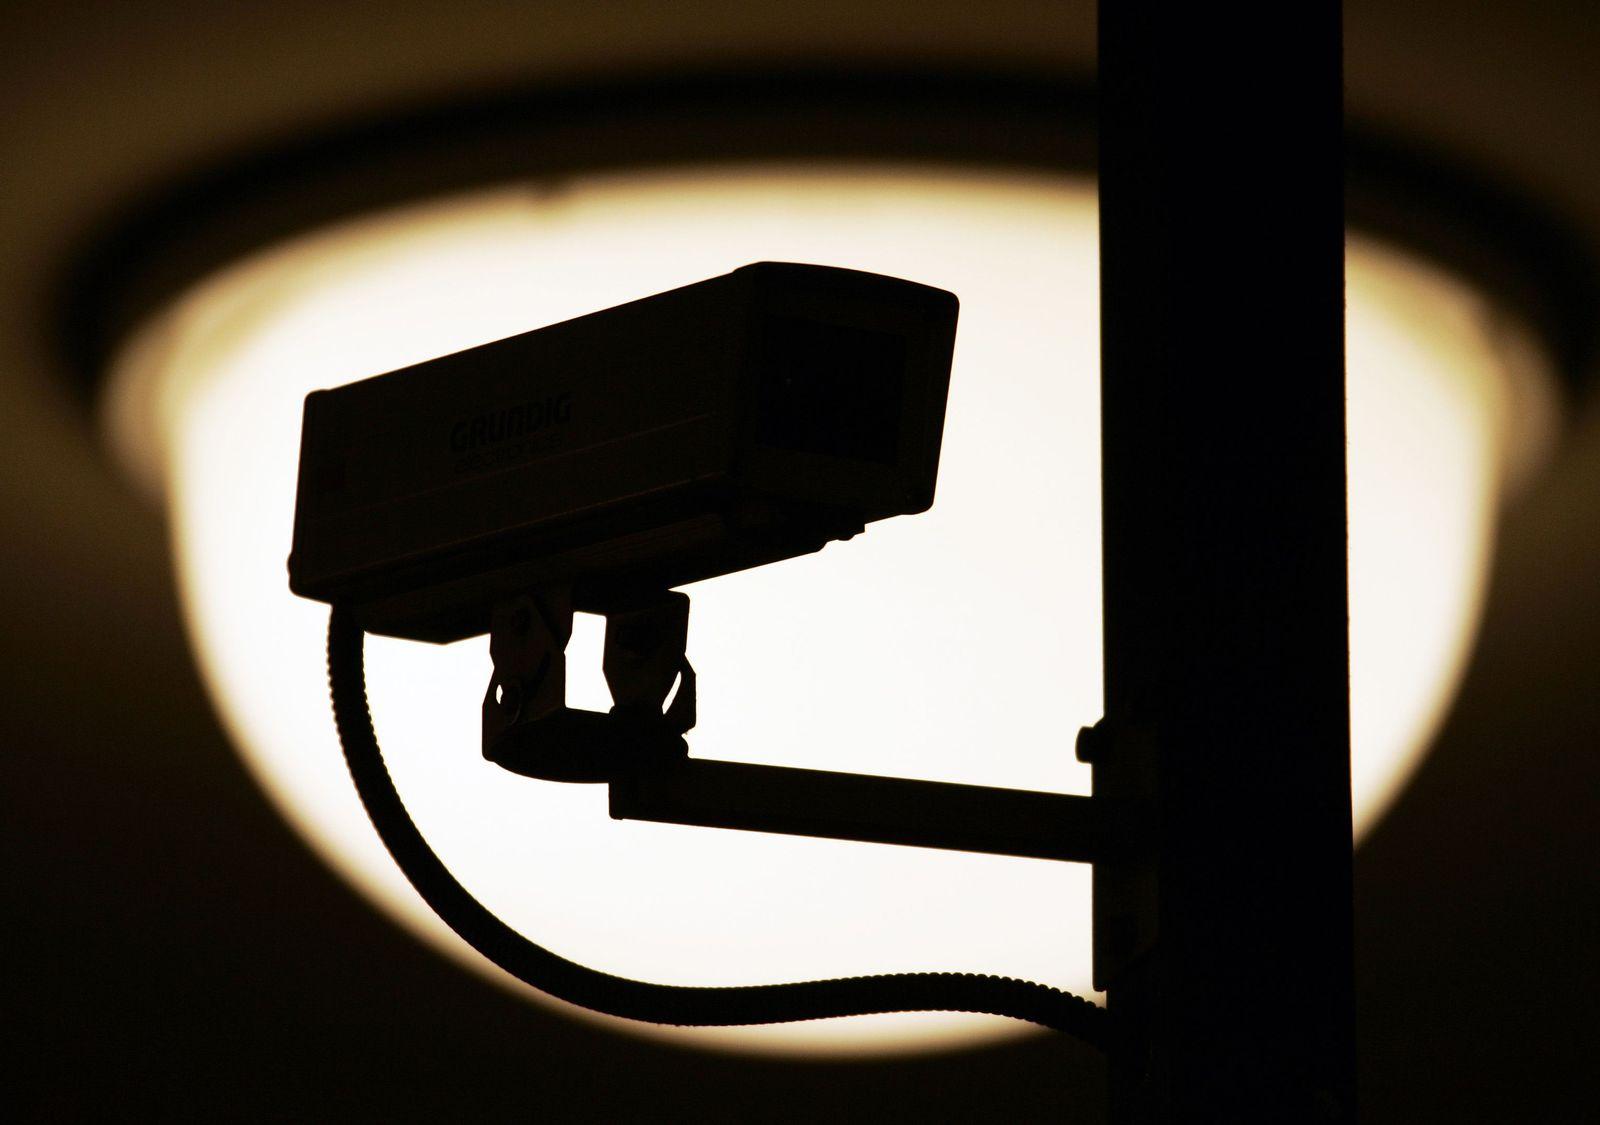 Symbolbild Videoüberwachung/ Überwachungskamera/ Überwachung/ Sicherheit